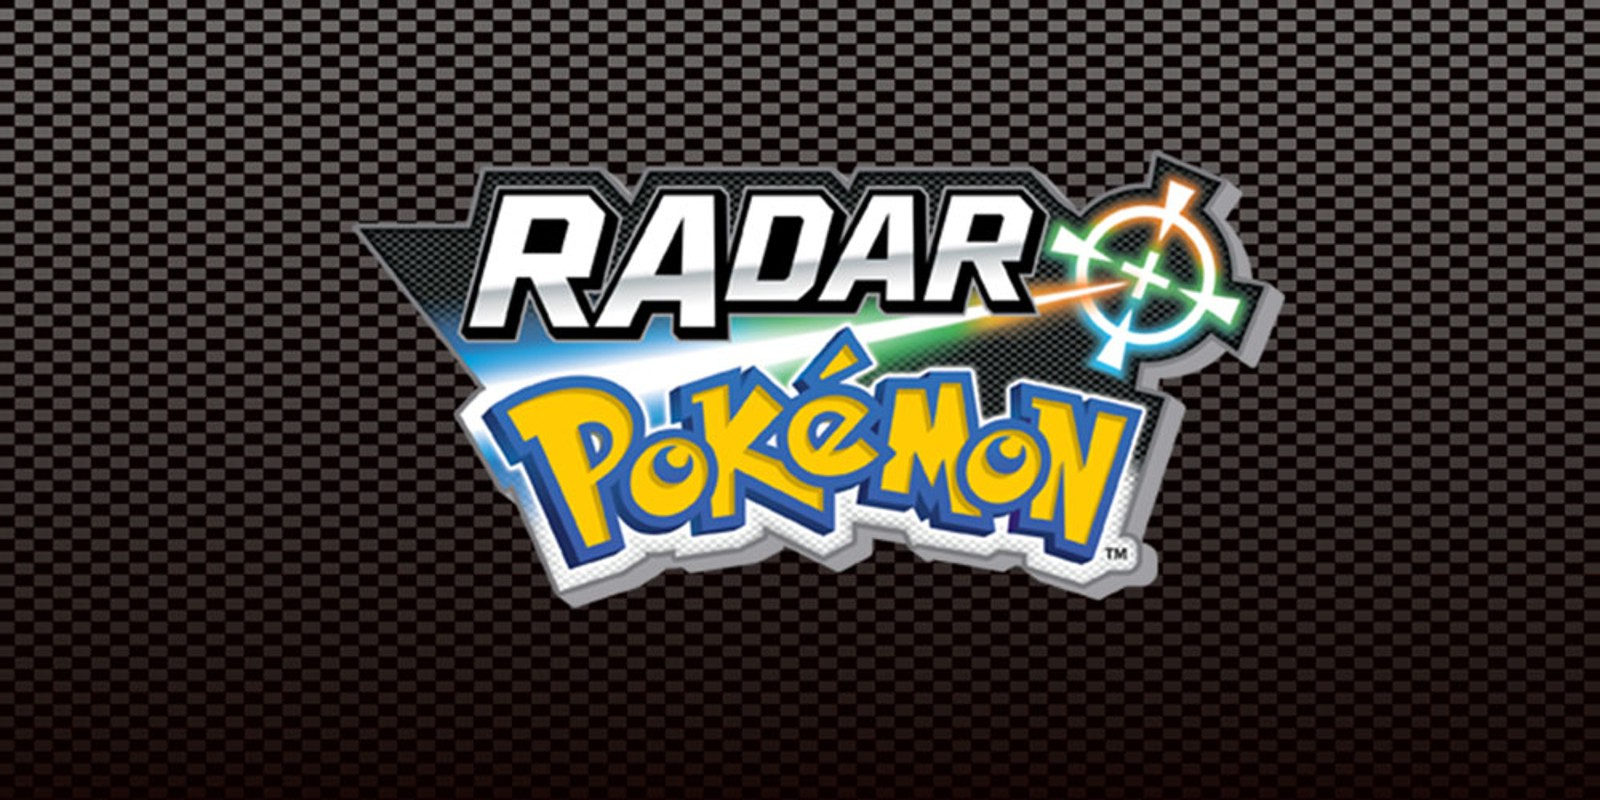 Radar Pokemon Programas Descargables Nintendo 3ds Juegos Nintendo